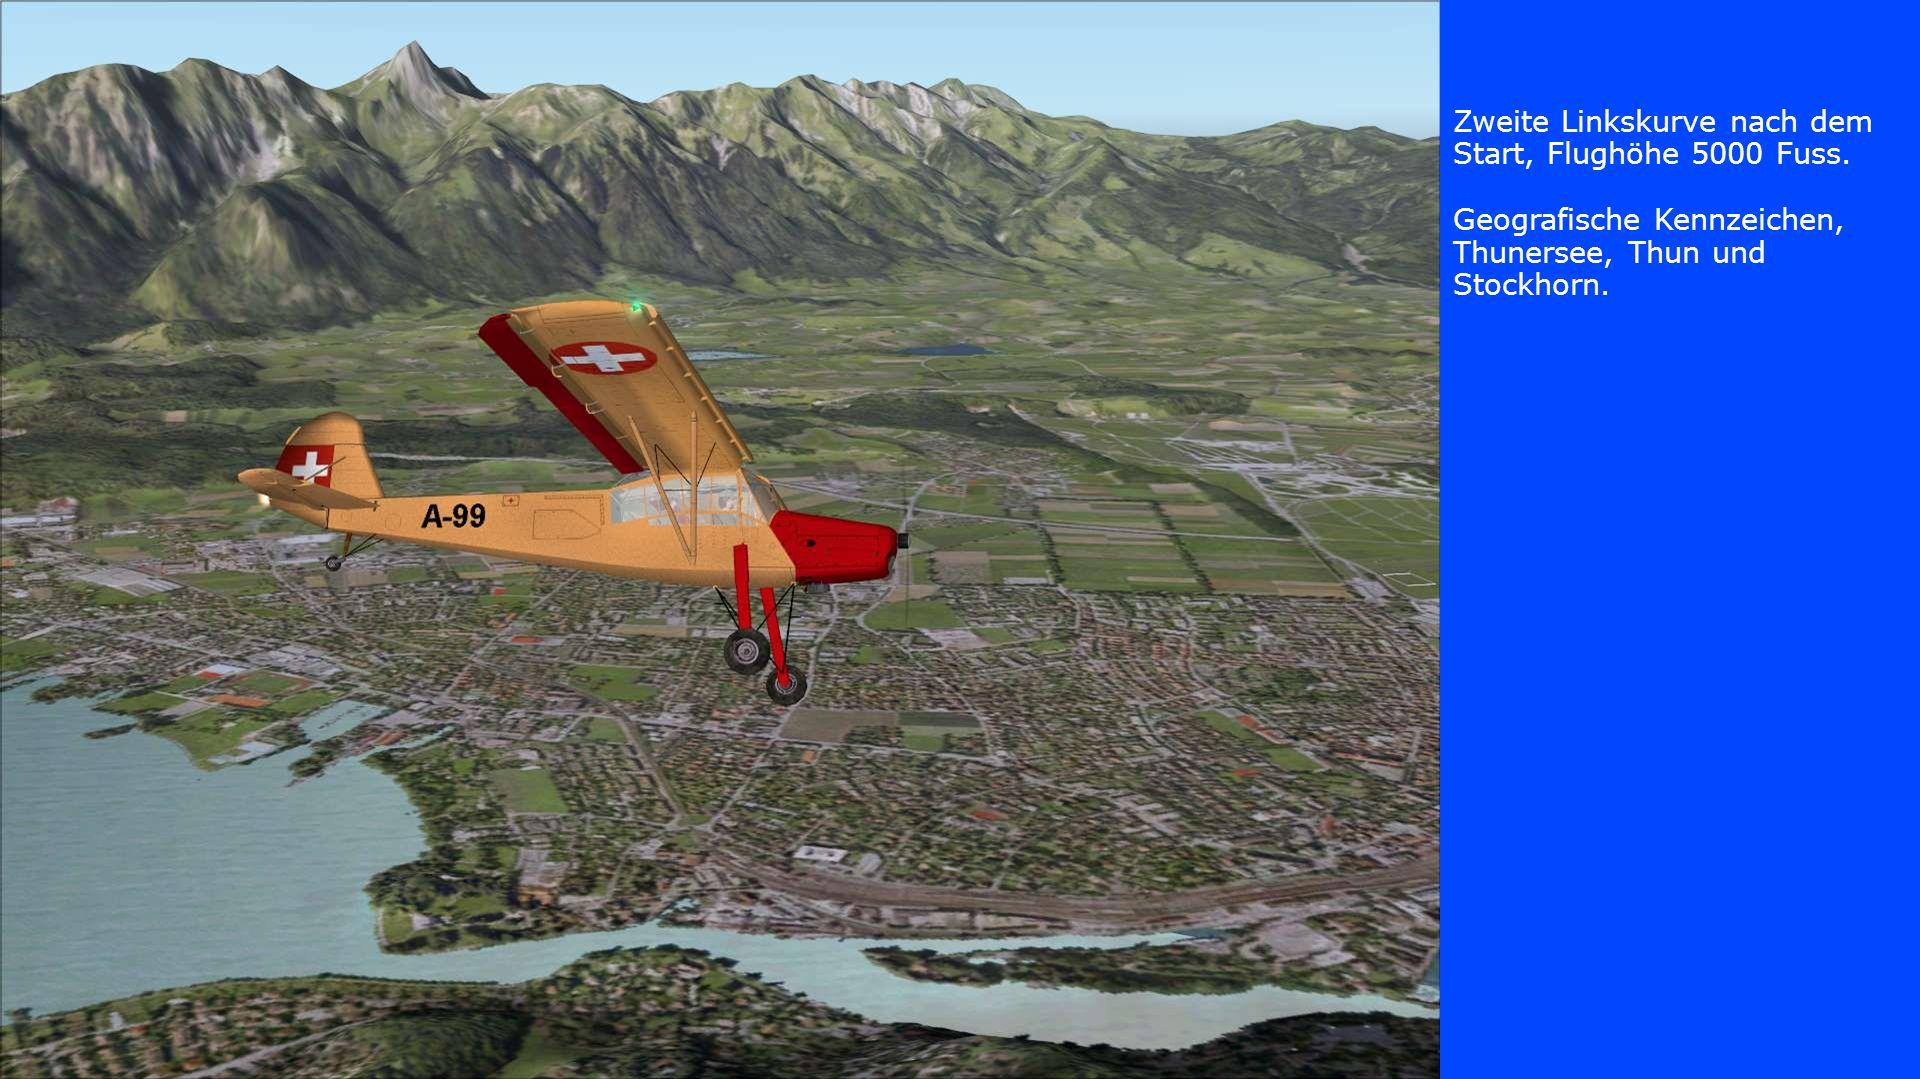 Zweite Linkskurve nach dem Start, Flughöhe 5000 Fuss. Geografische Kennzeichen, Thunersee, Thun und Stockhorn.